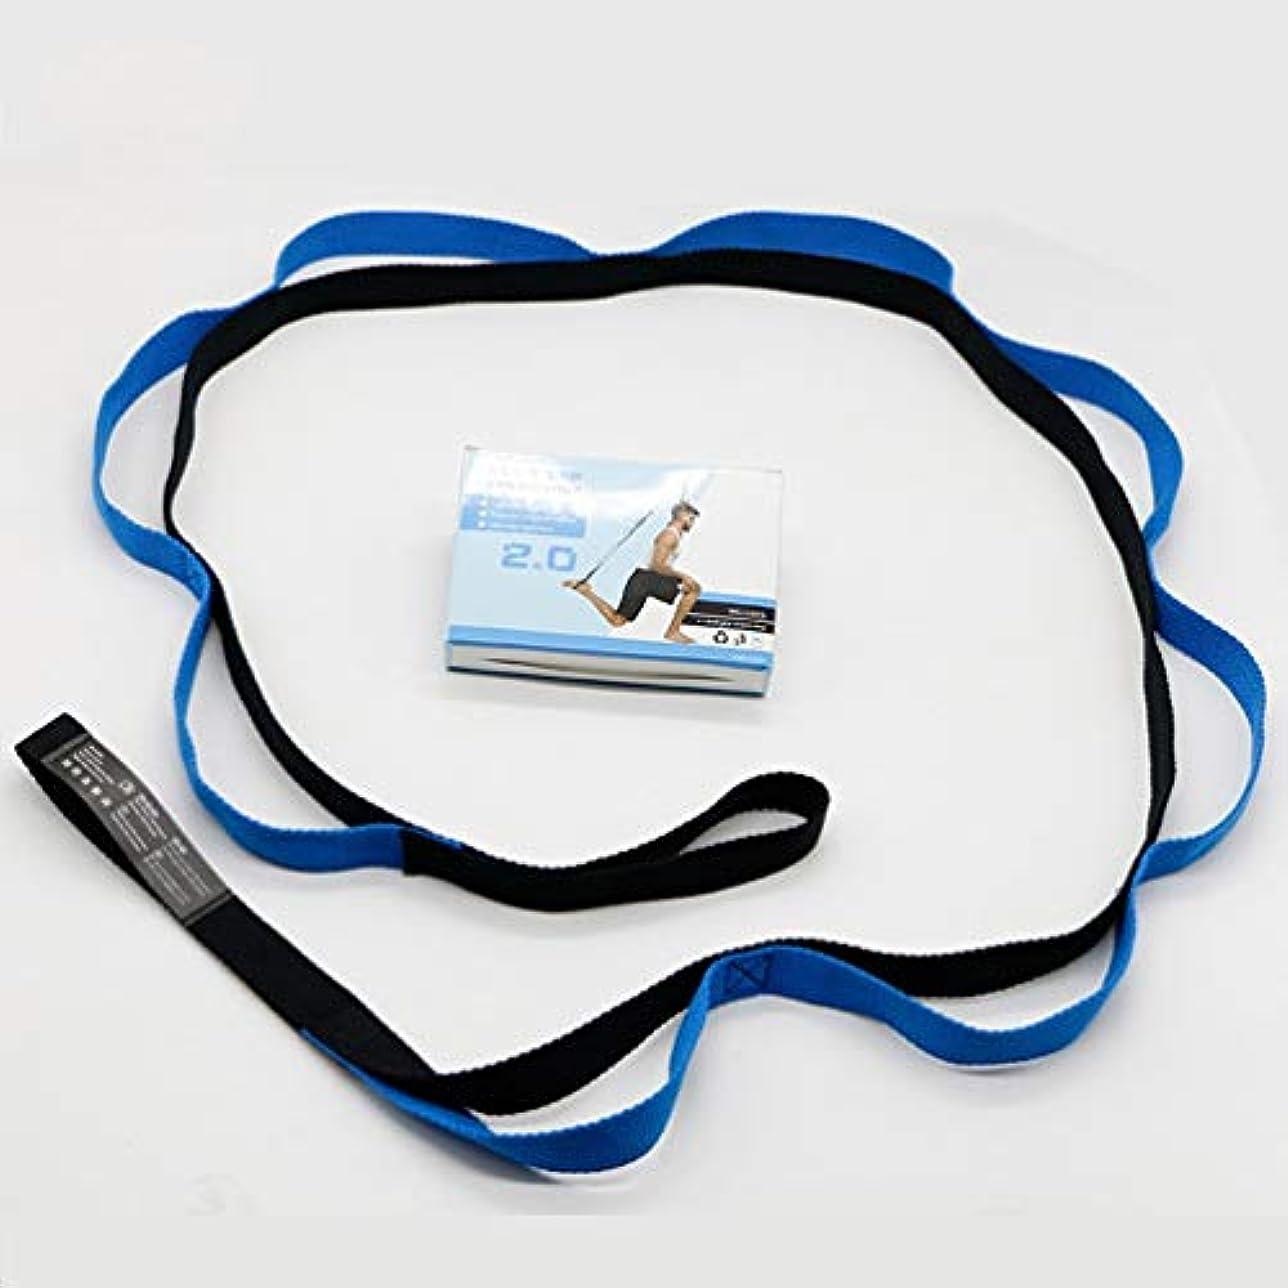 動脈接続された書き込みフィットネスエクササイズジムヨガストレッチアウトストラップ弾性ベルトウエストレッグアームエクステンションストラップベルトスポーツユニセックストレーニングベルトバンド - ブルー&ブラック